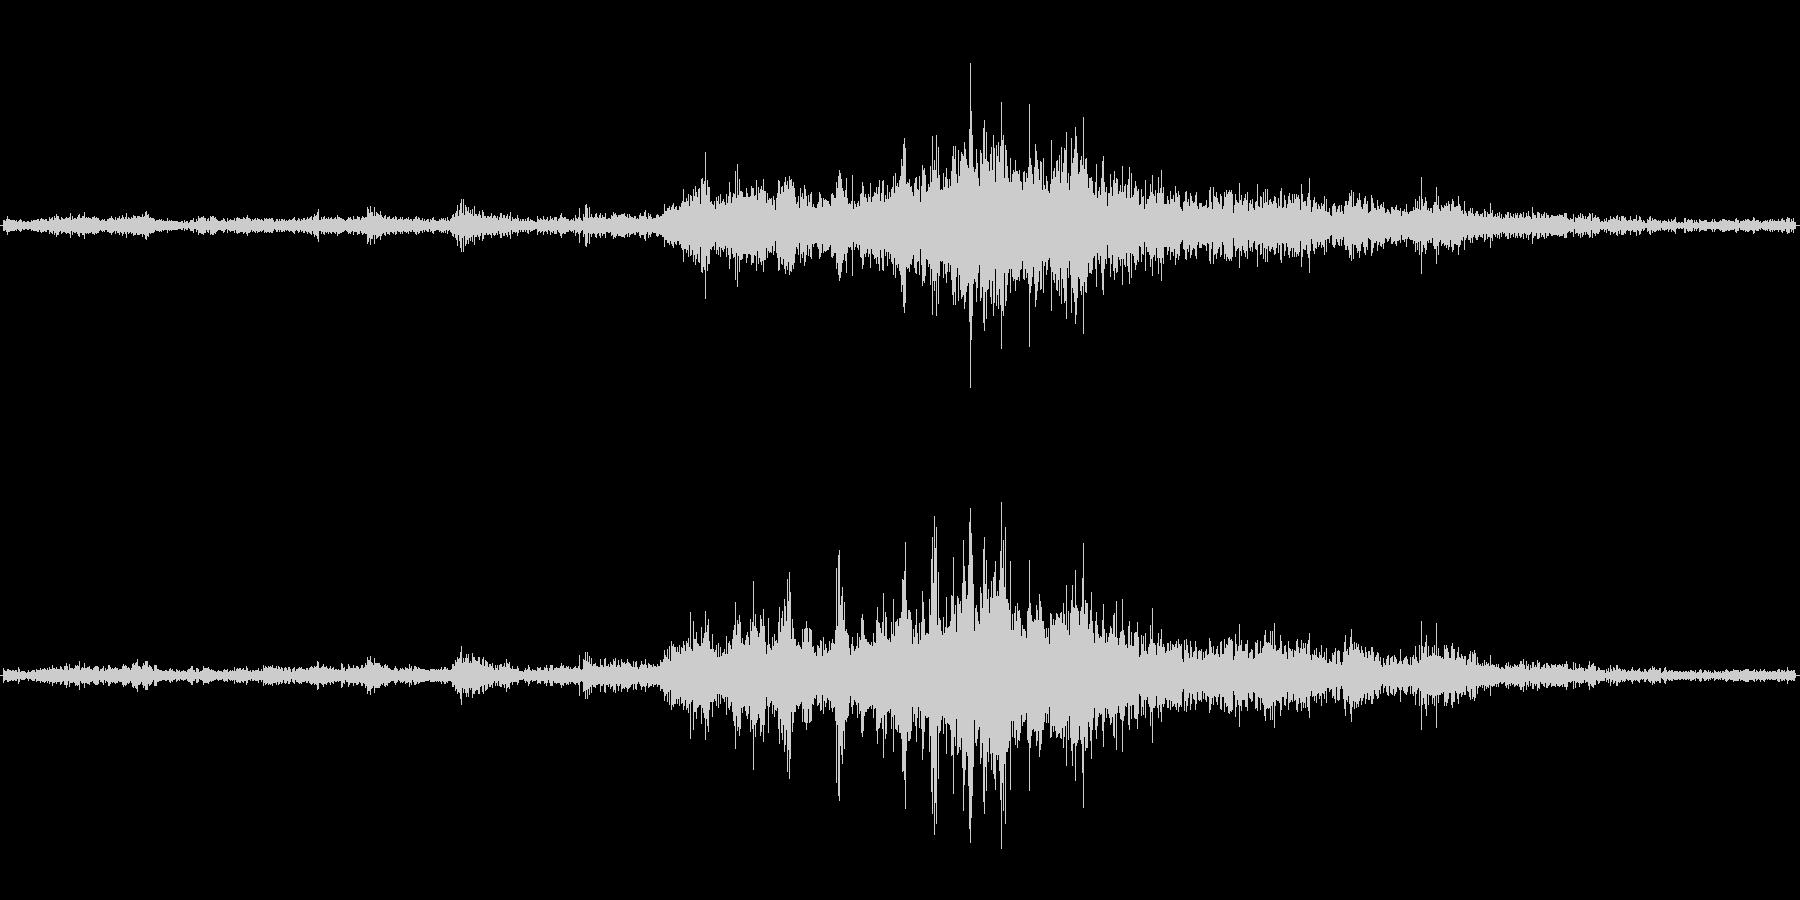 バイノーラル録音戦闘機2の未再生の波形